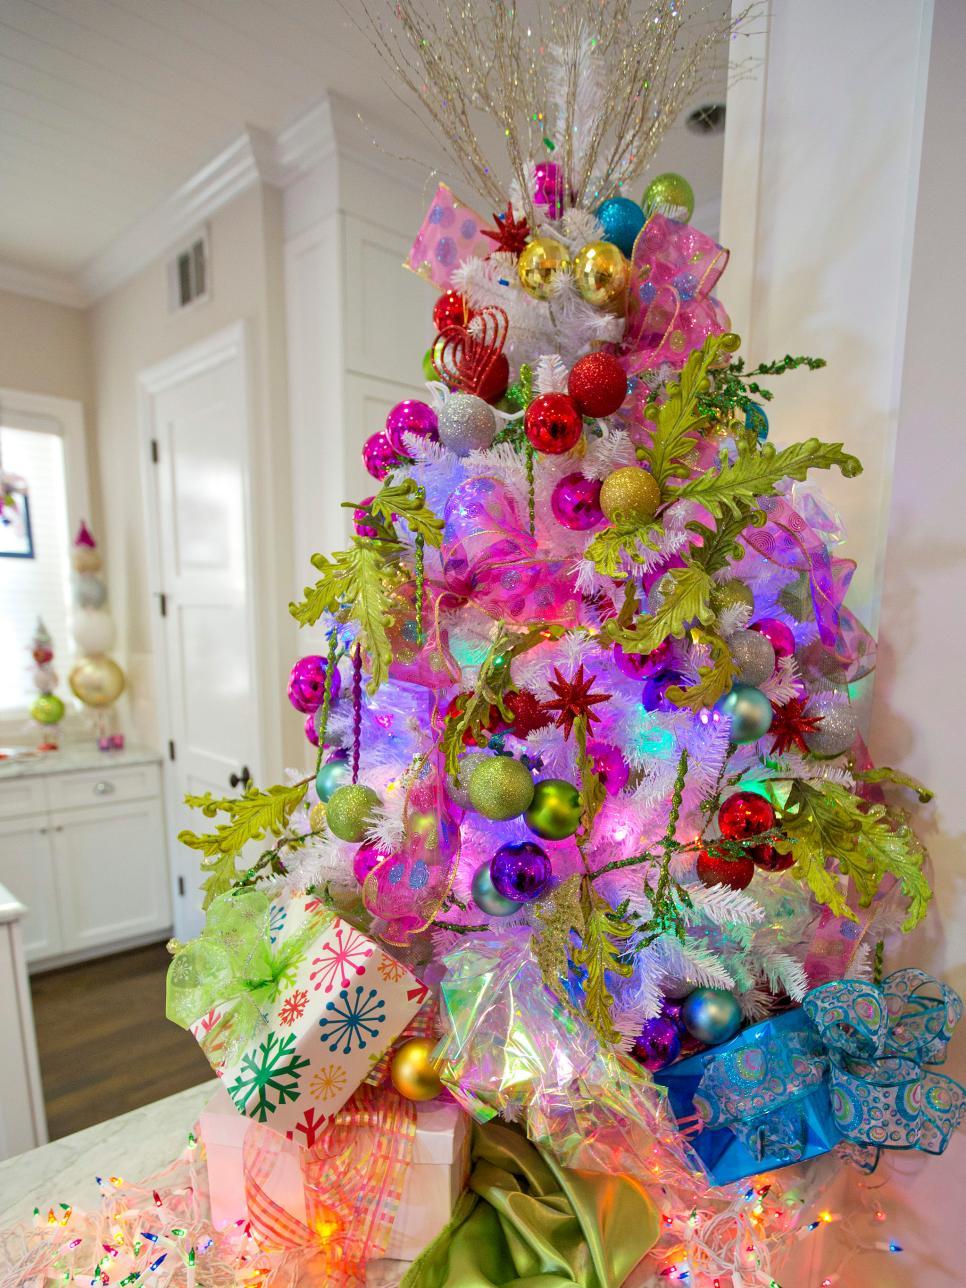 Cum împodobești bradul de Crăciun. De la ornamente făcute în casă, la feliuțe de portocale